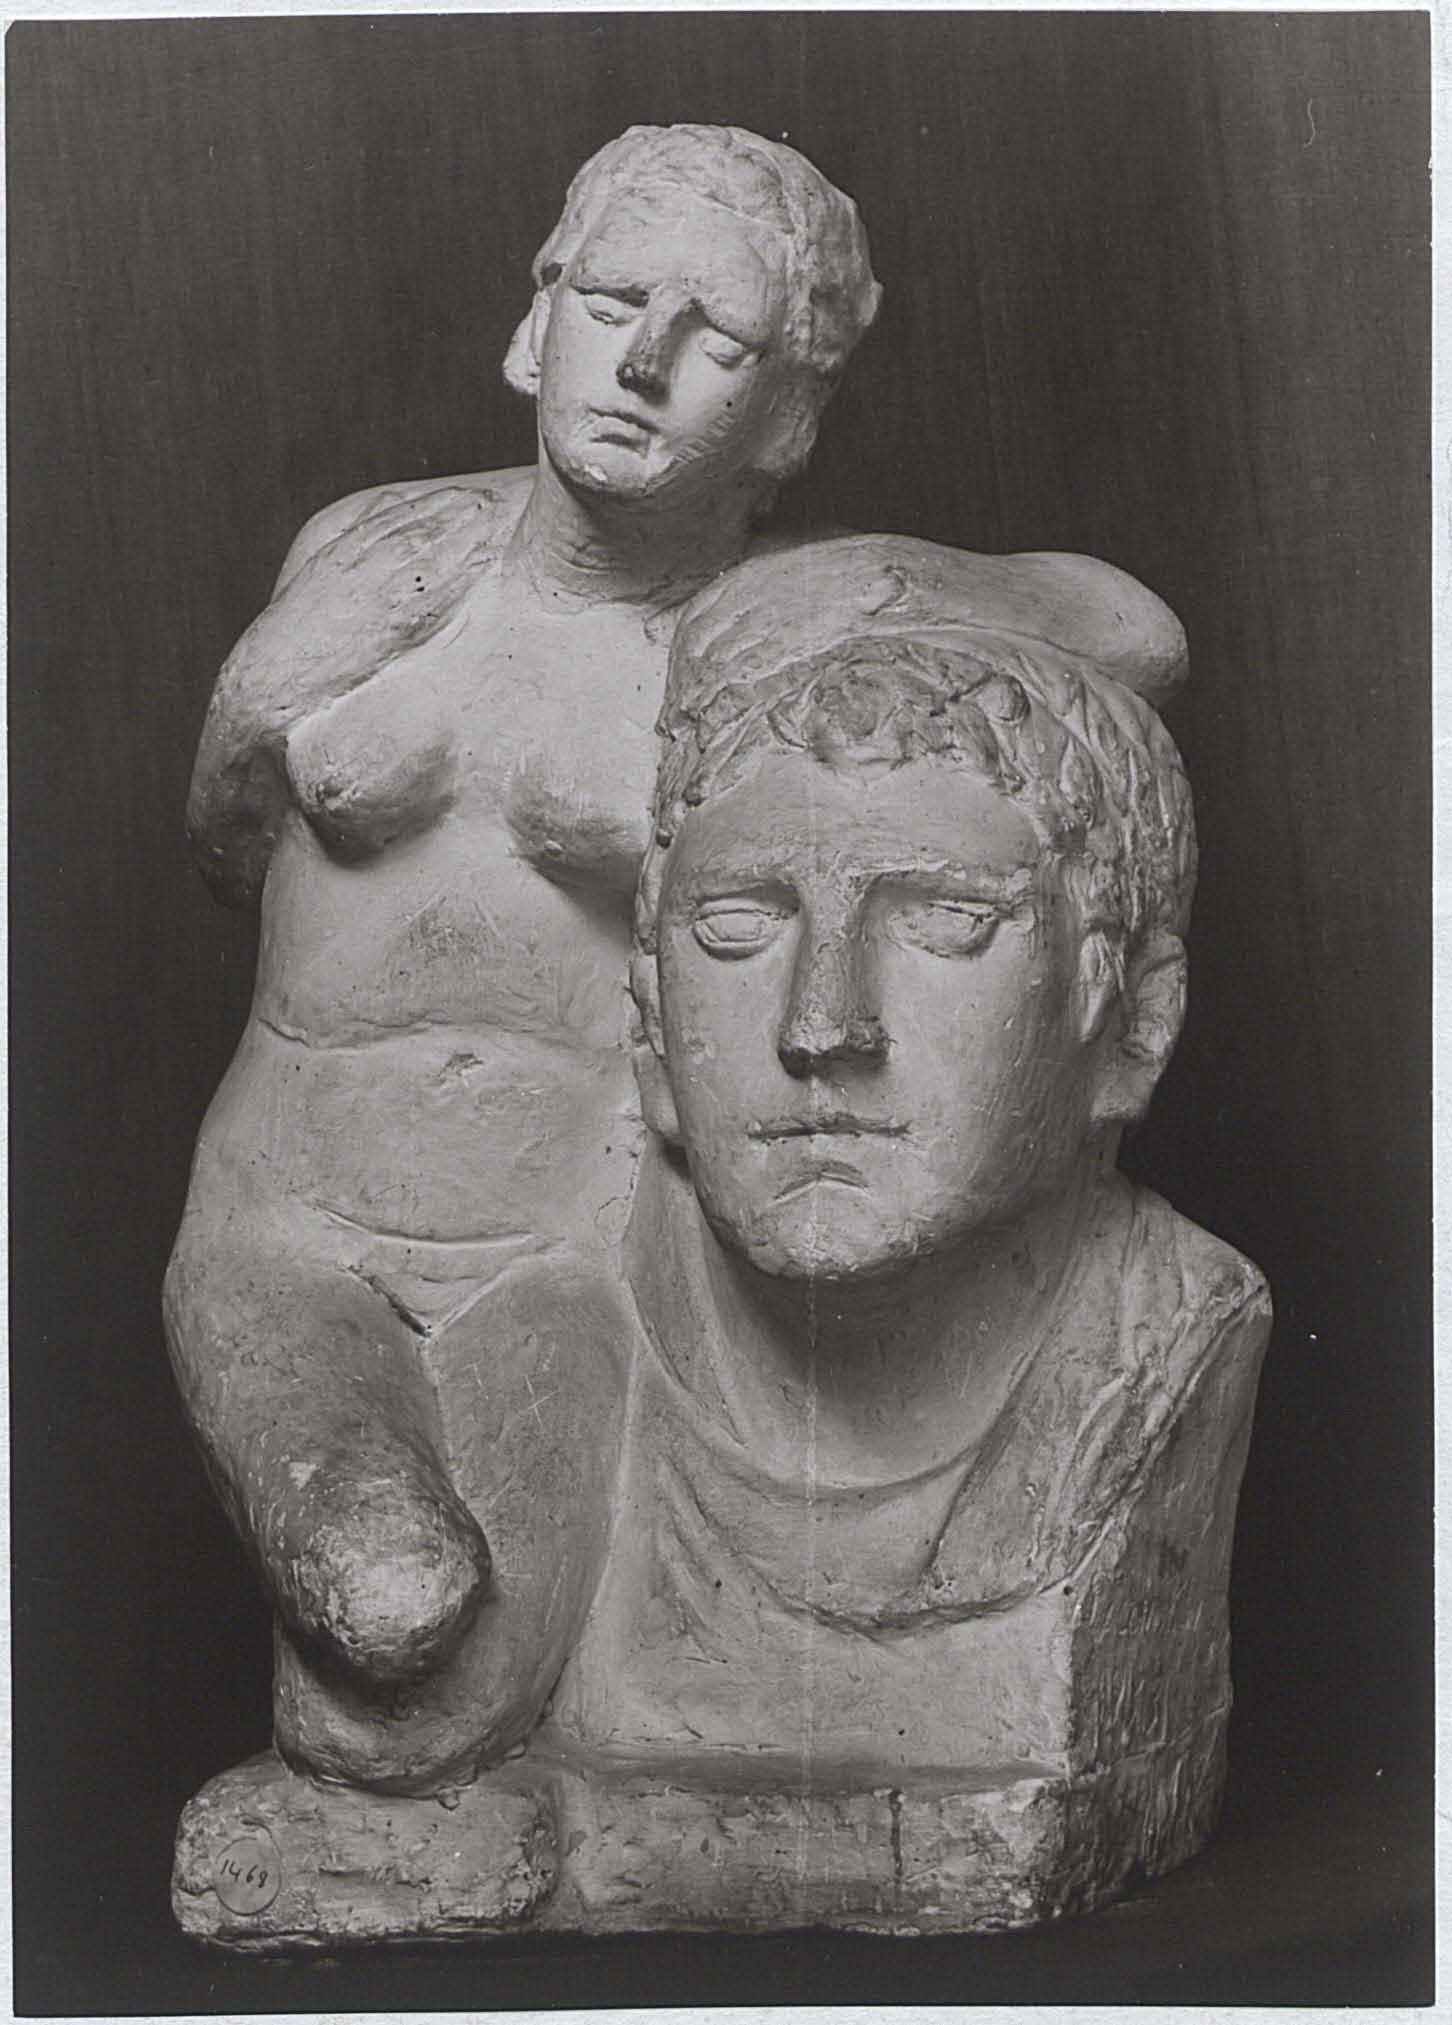 Γιαννούλης Χαλεπάς. «Σκέψις» Εθνική Πινακοθήκη Αθηνών. Φωτογραφικό αρχείο.